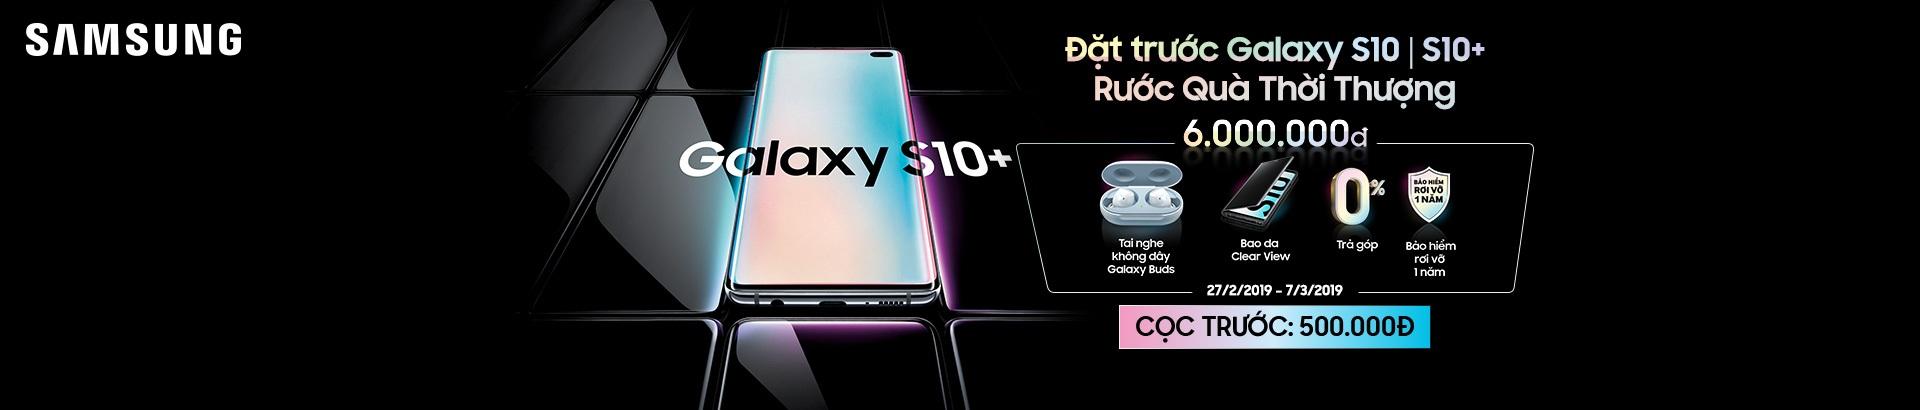 Đặt trước Galaxy S10/S10+  Rước quà thời thượng 6 Triệu